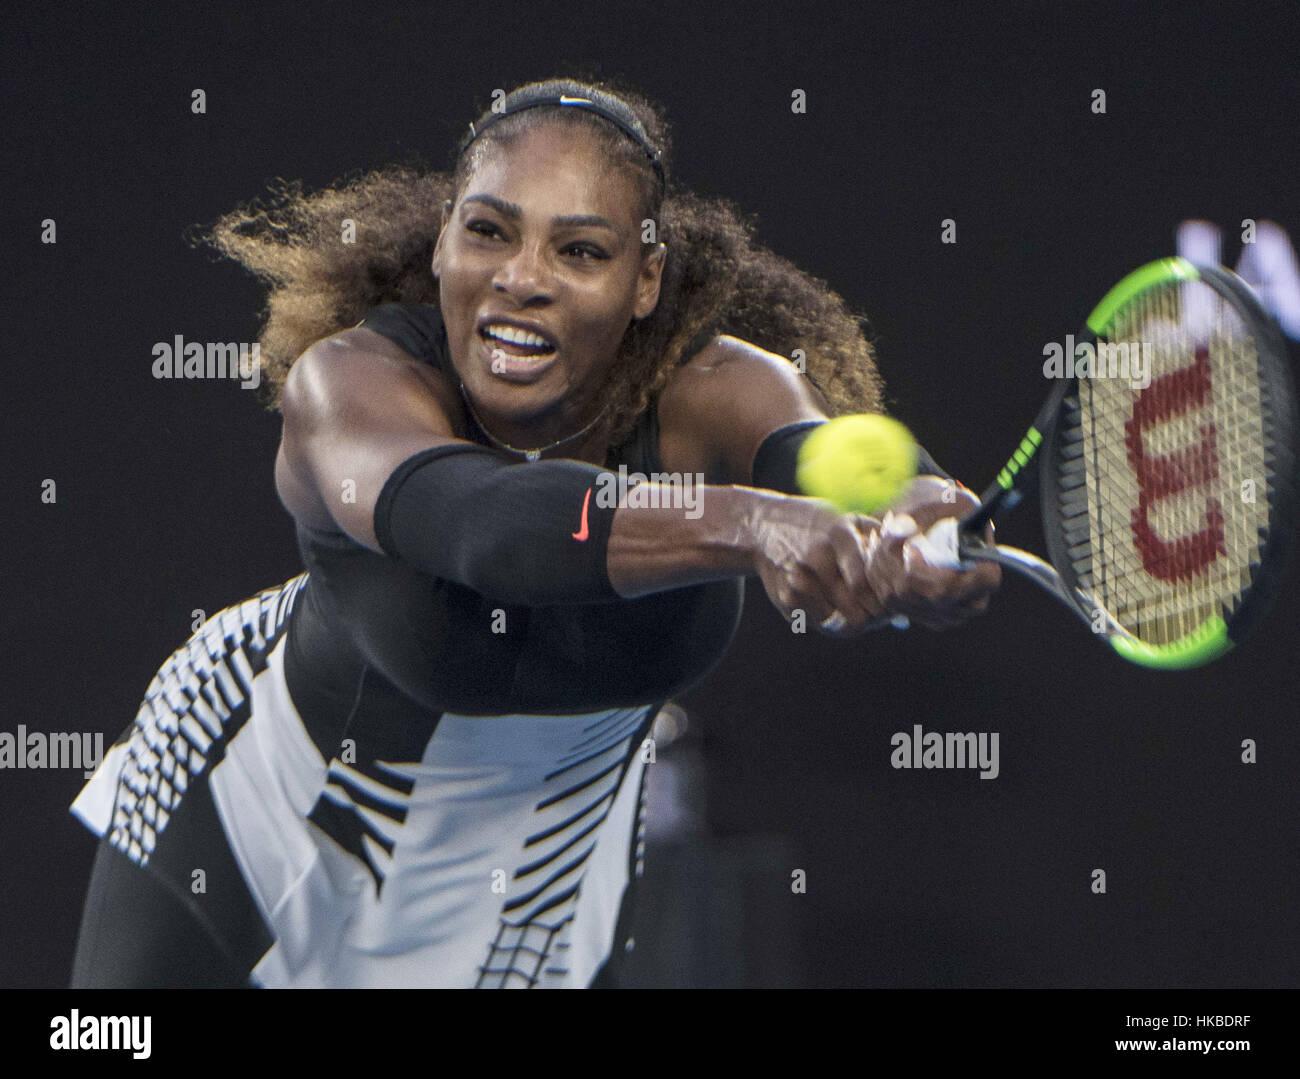 Melbourne, Australie. 28 janvier, 2017. United States' Serena Williams renvoie la balle pendant le dernier match féminin entre Venus Williams et Serena Williams à l'Open d'Australie de tennis à Melbourne, Australie, le 28 janvier 2017. Serena Williams a gagné 2-0. Credit: Lui Siu Wai/Xinhua/Alamy Live News Banque D'Images